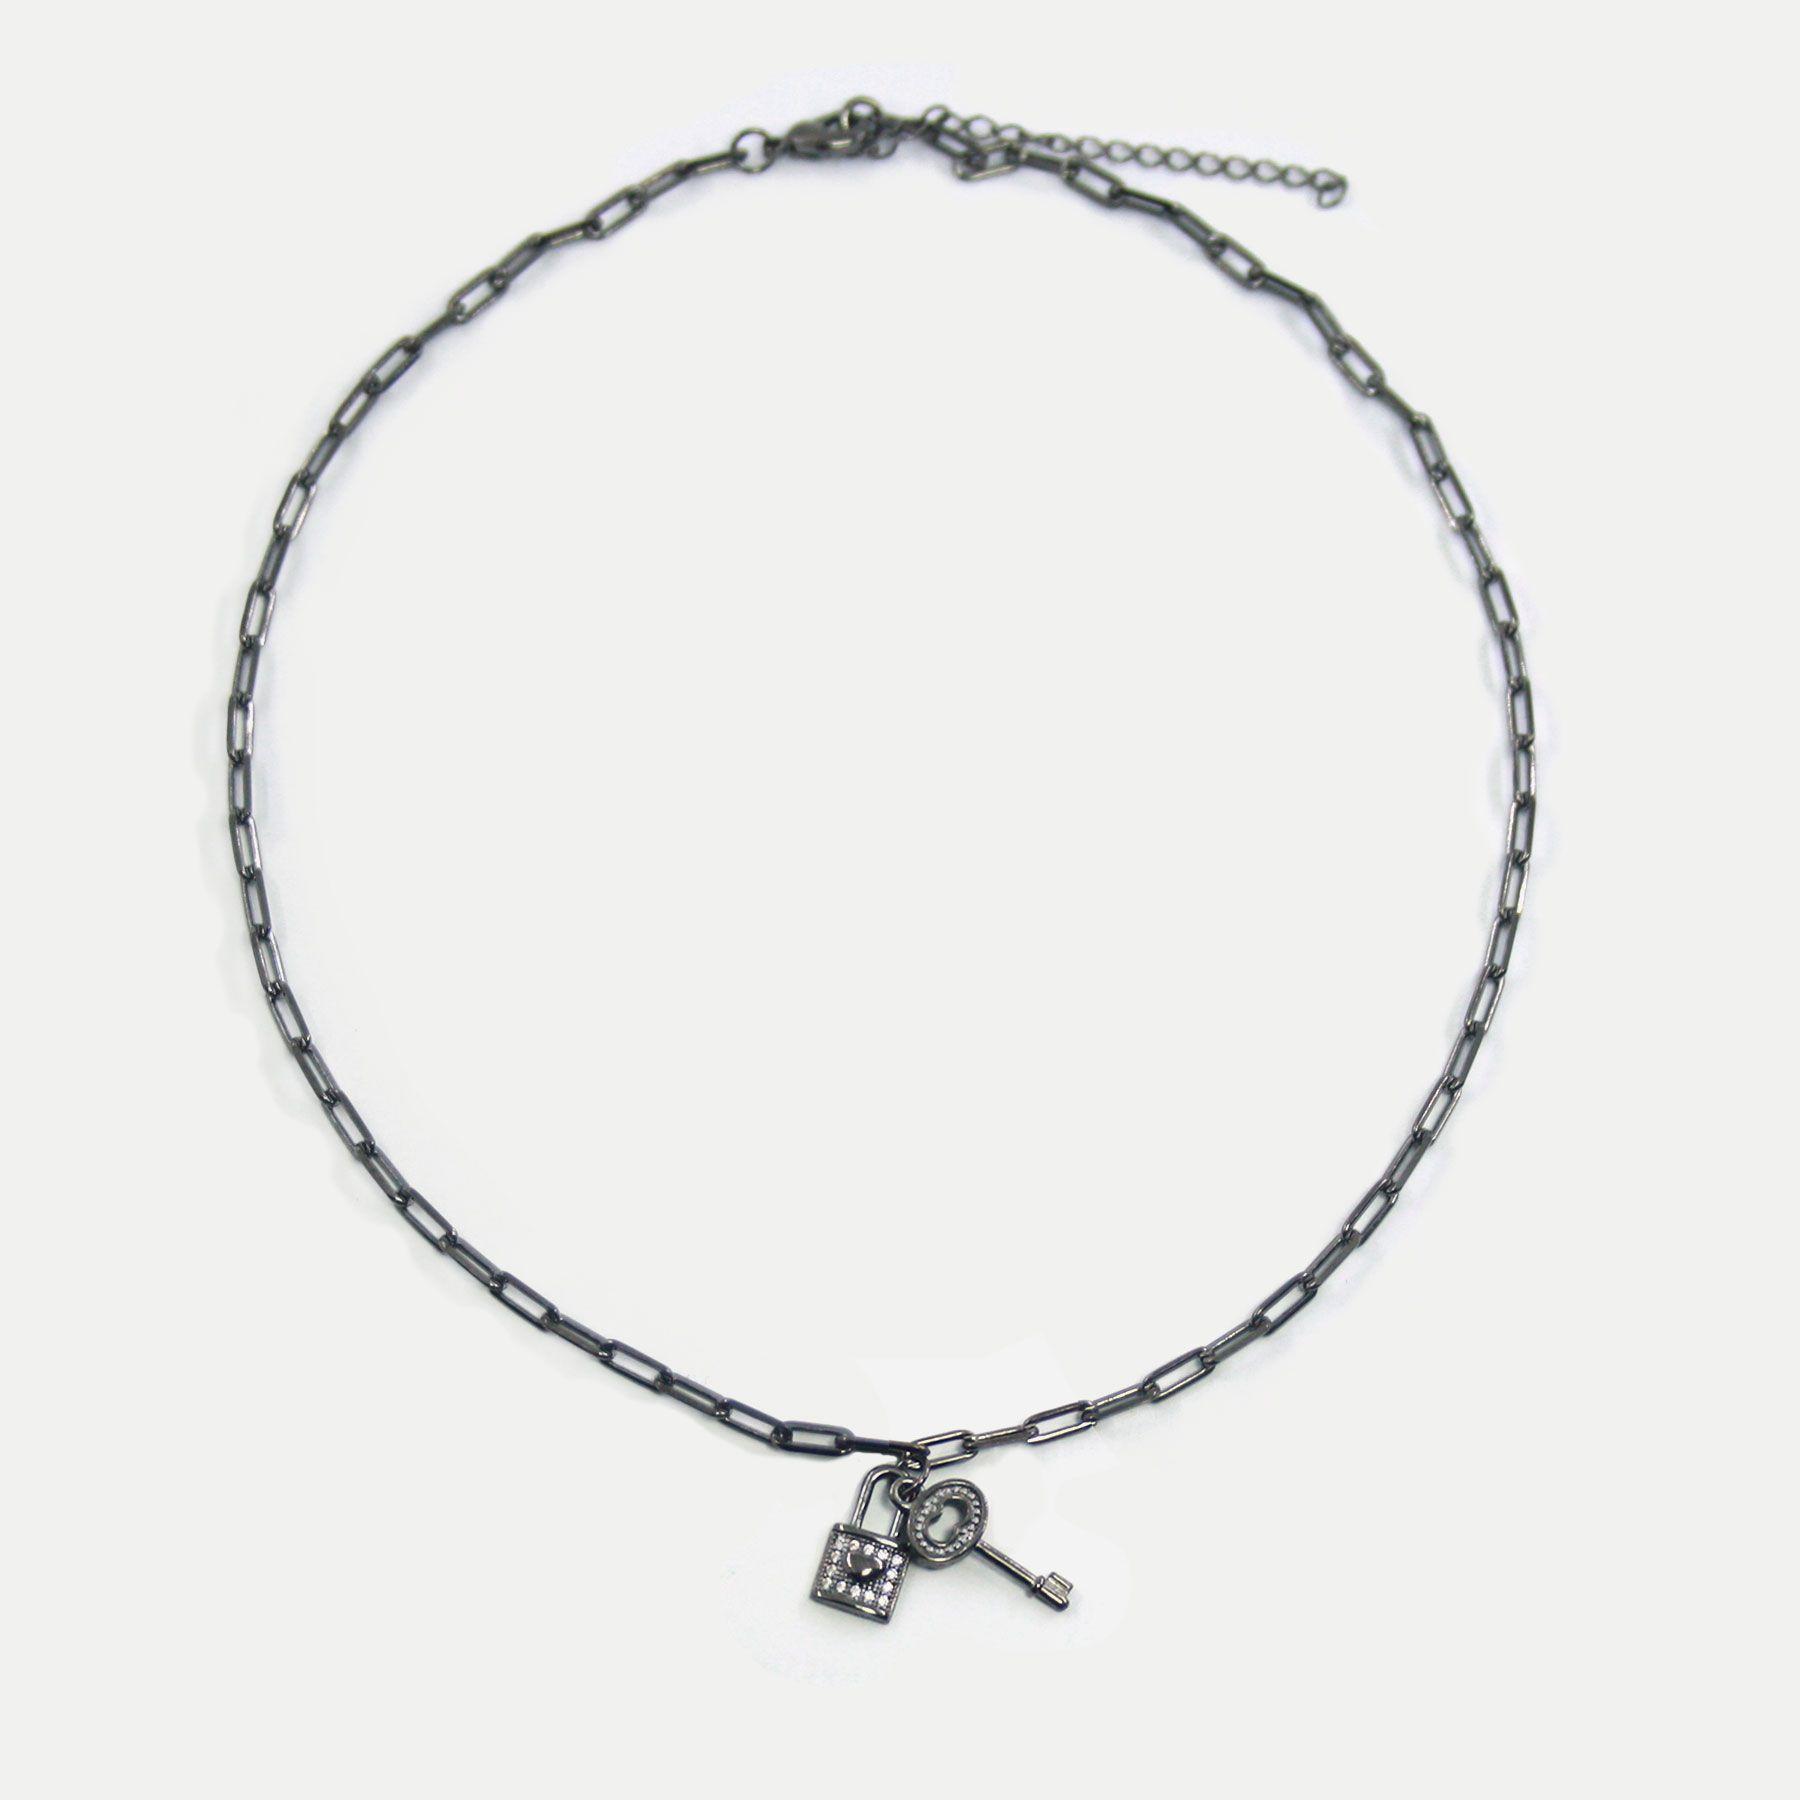 Colar Curto em Corrente Cartier com Pingentes de Cadeado e Chave Banhado em Ródio Negro